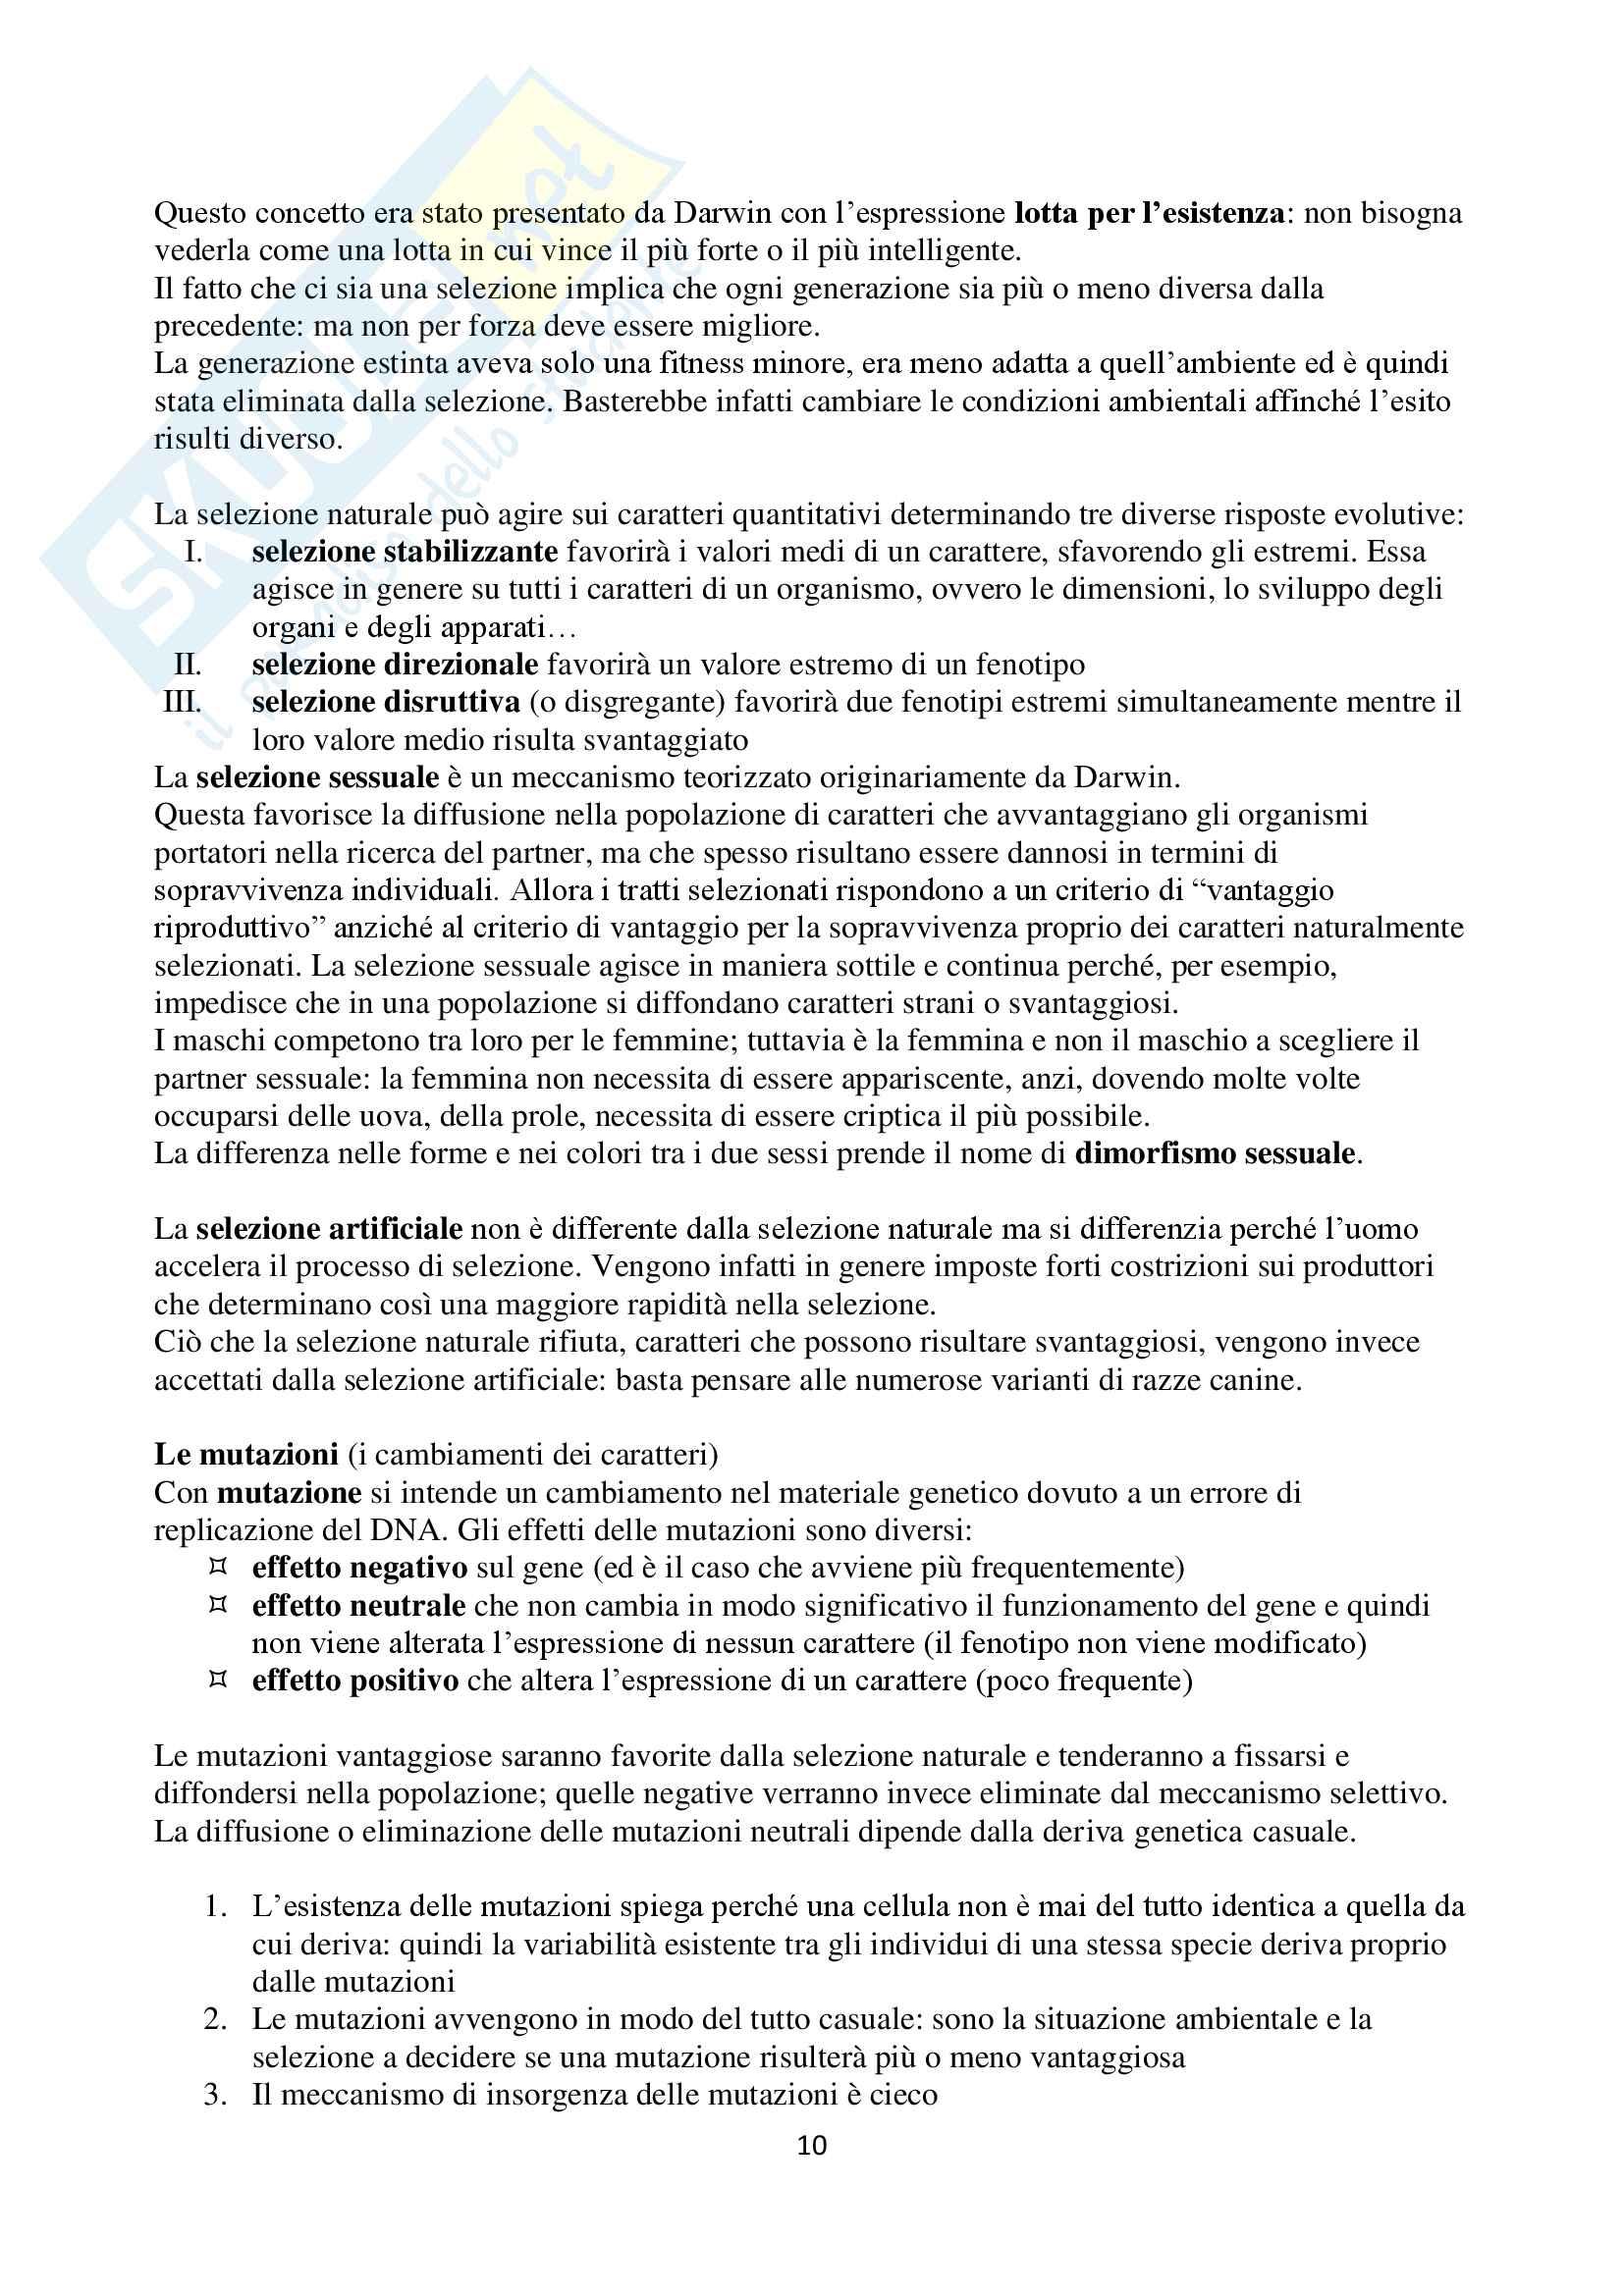 Appunti di Zoologia per l'esame del corso di laurea triennale in Scienze Biologiche (Università Milano Bicocca) Pag. 11